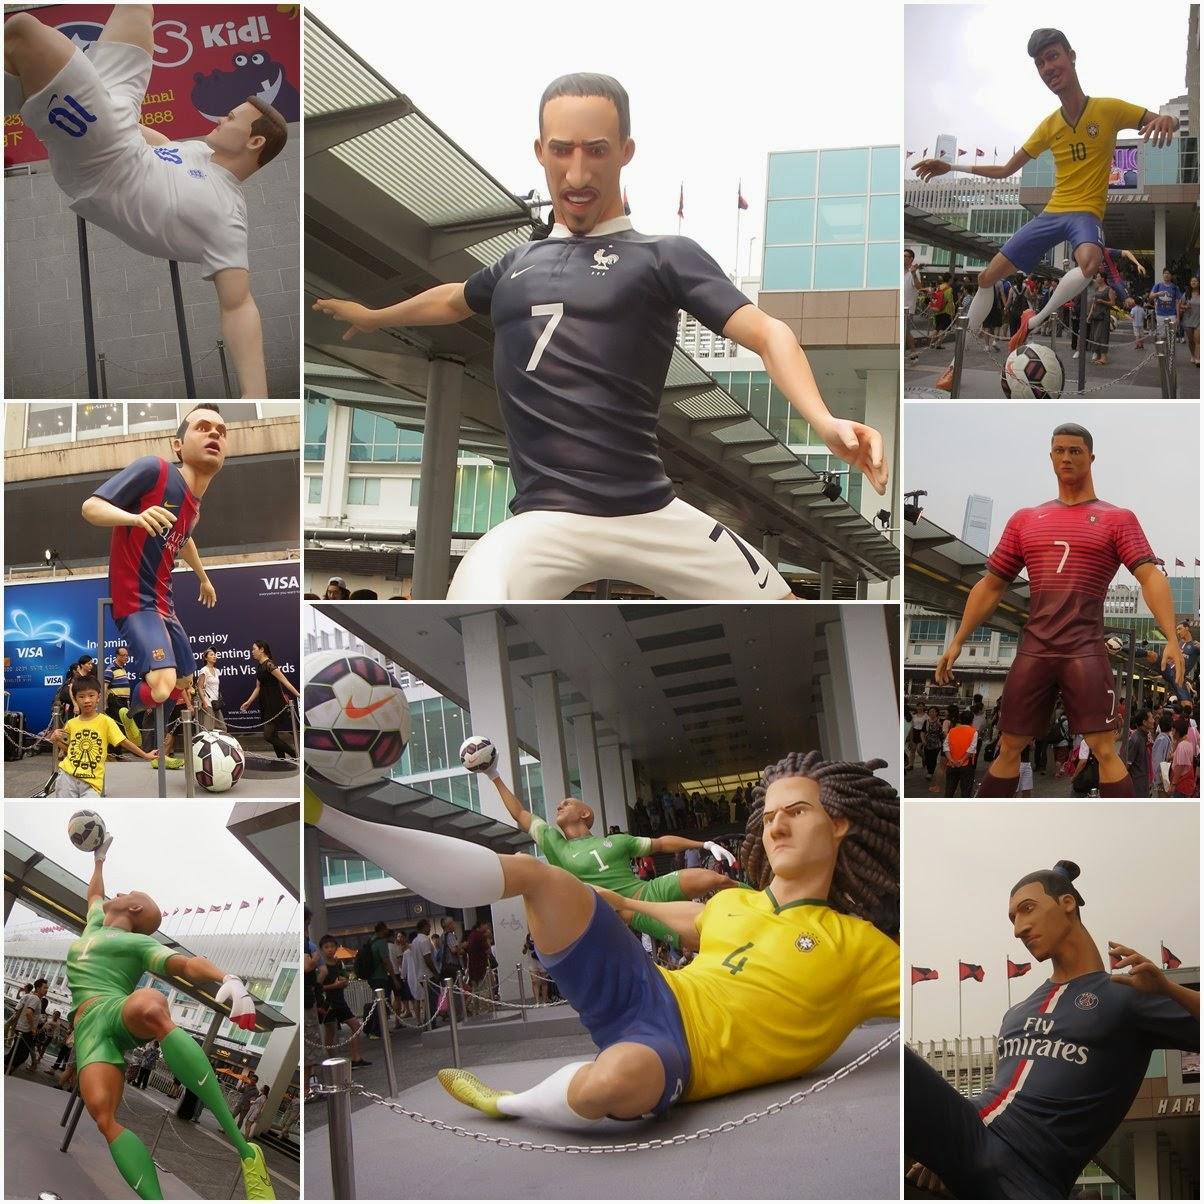 大仁生活: 決戰對面海足球小球 The Last Game Nike 硬撼adidas @ 海港城